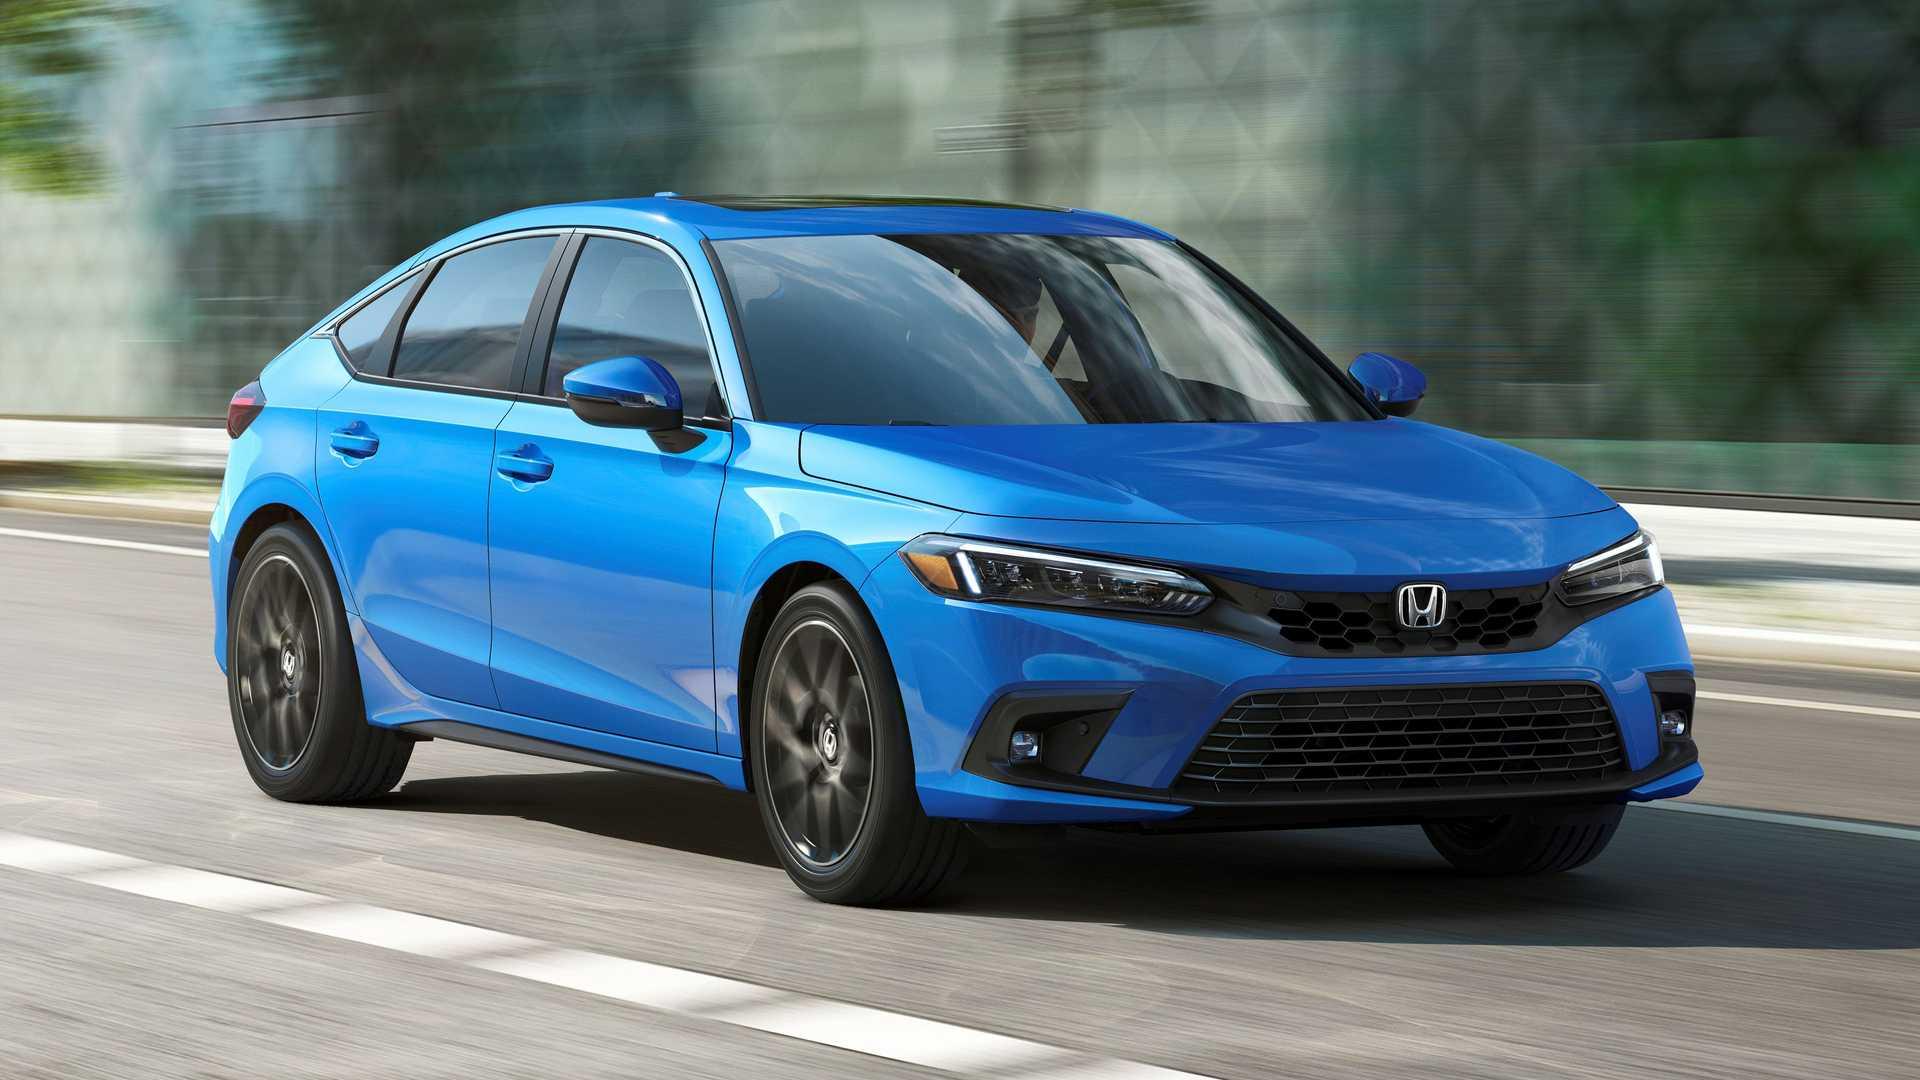 https://cdn.motor1.com/images/mgl/Xxp09/s6/2022-honda-civic-hatchback-passenger-side-front-corner.jpg